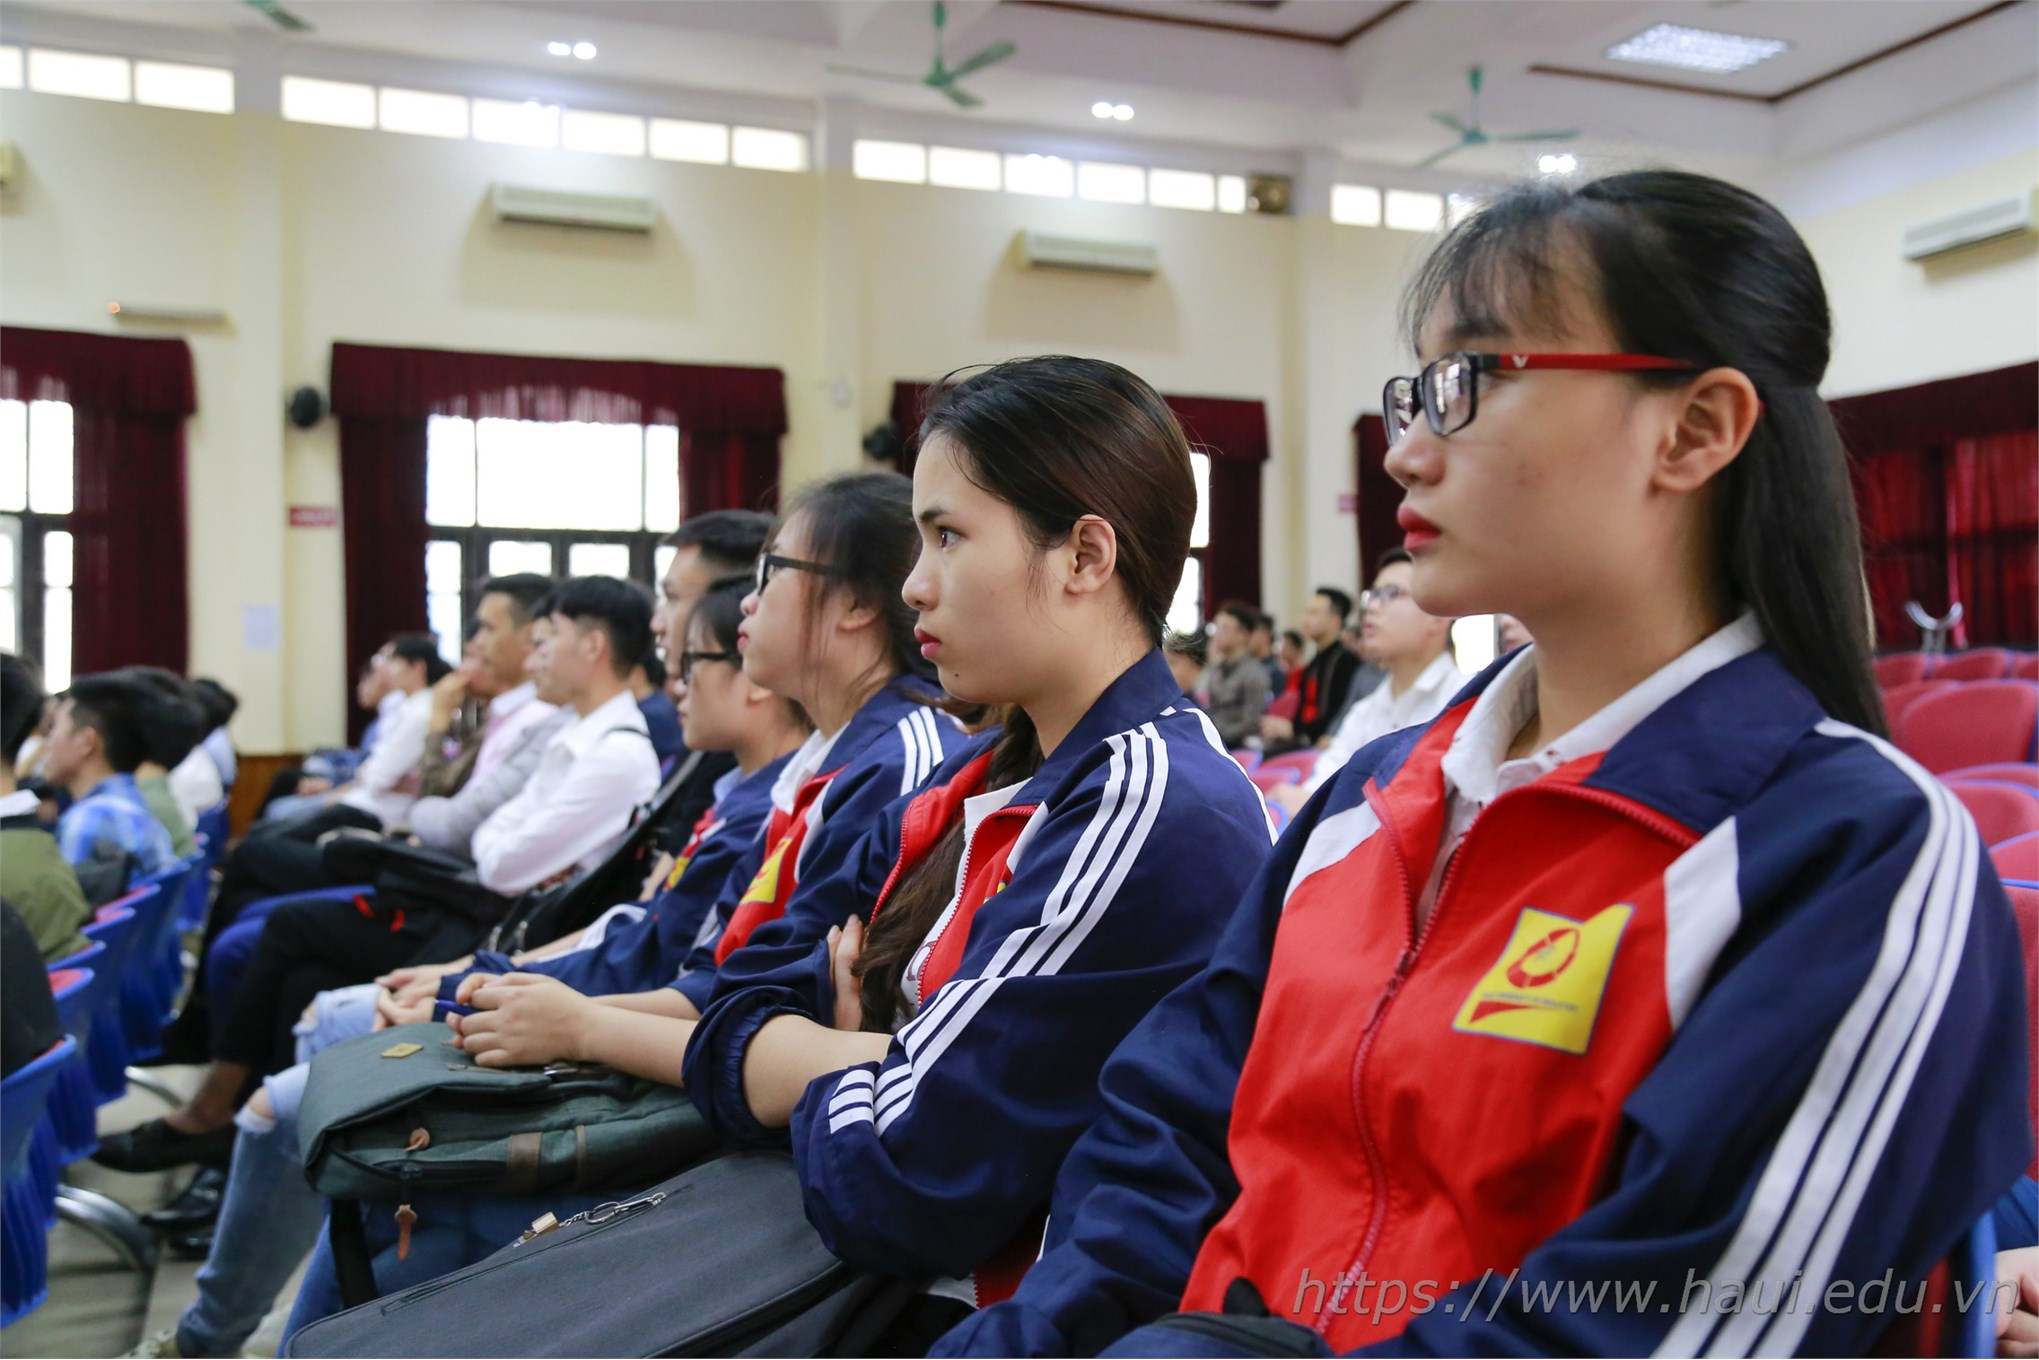 Hơn 700 cơ hội việc làm cho sinh viên ĐHCNHN tại LG Display Việt Nam Hải Phòng